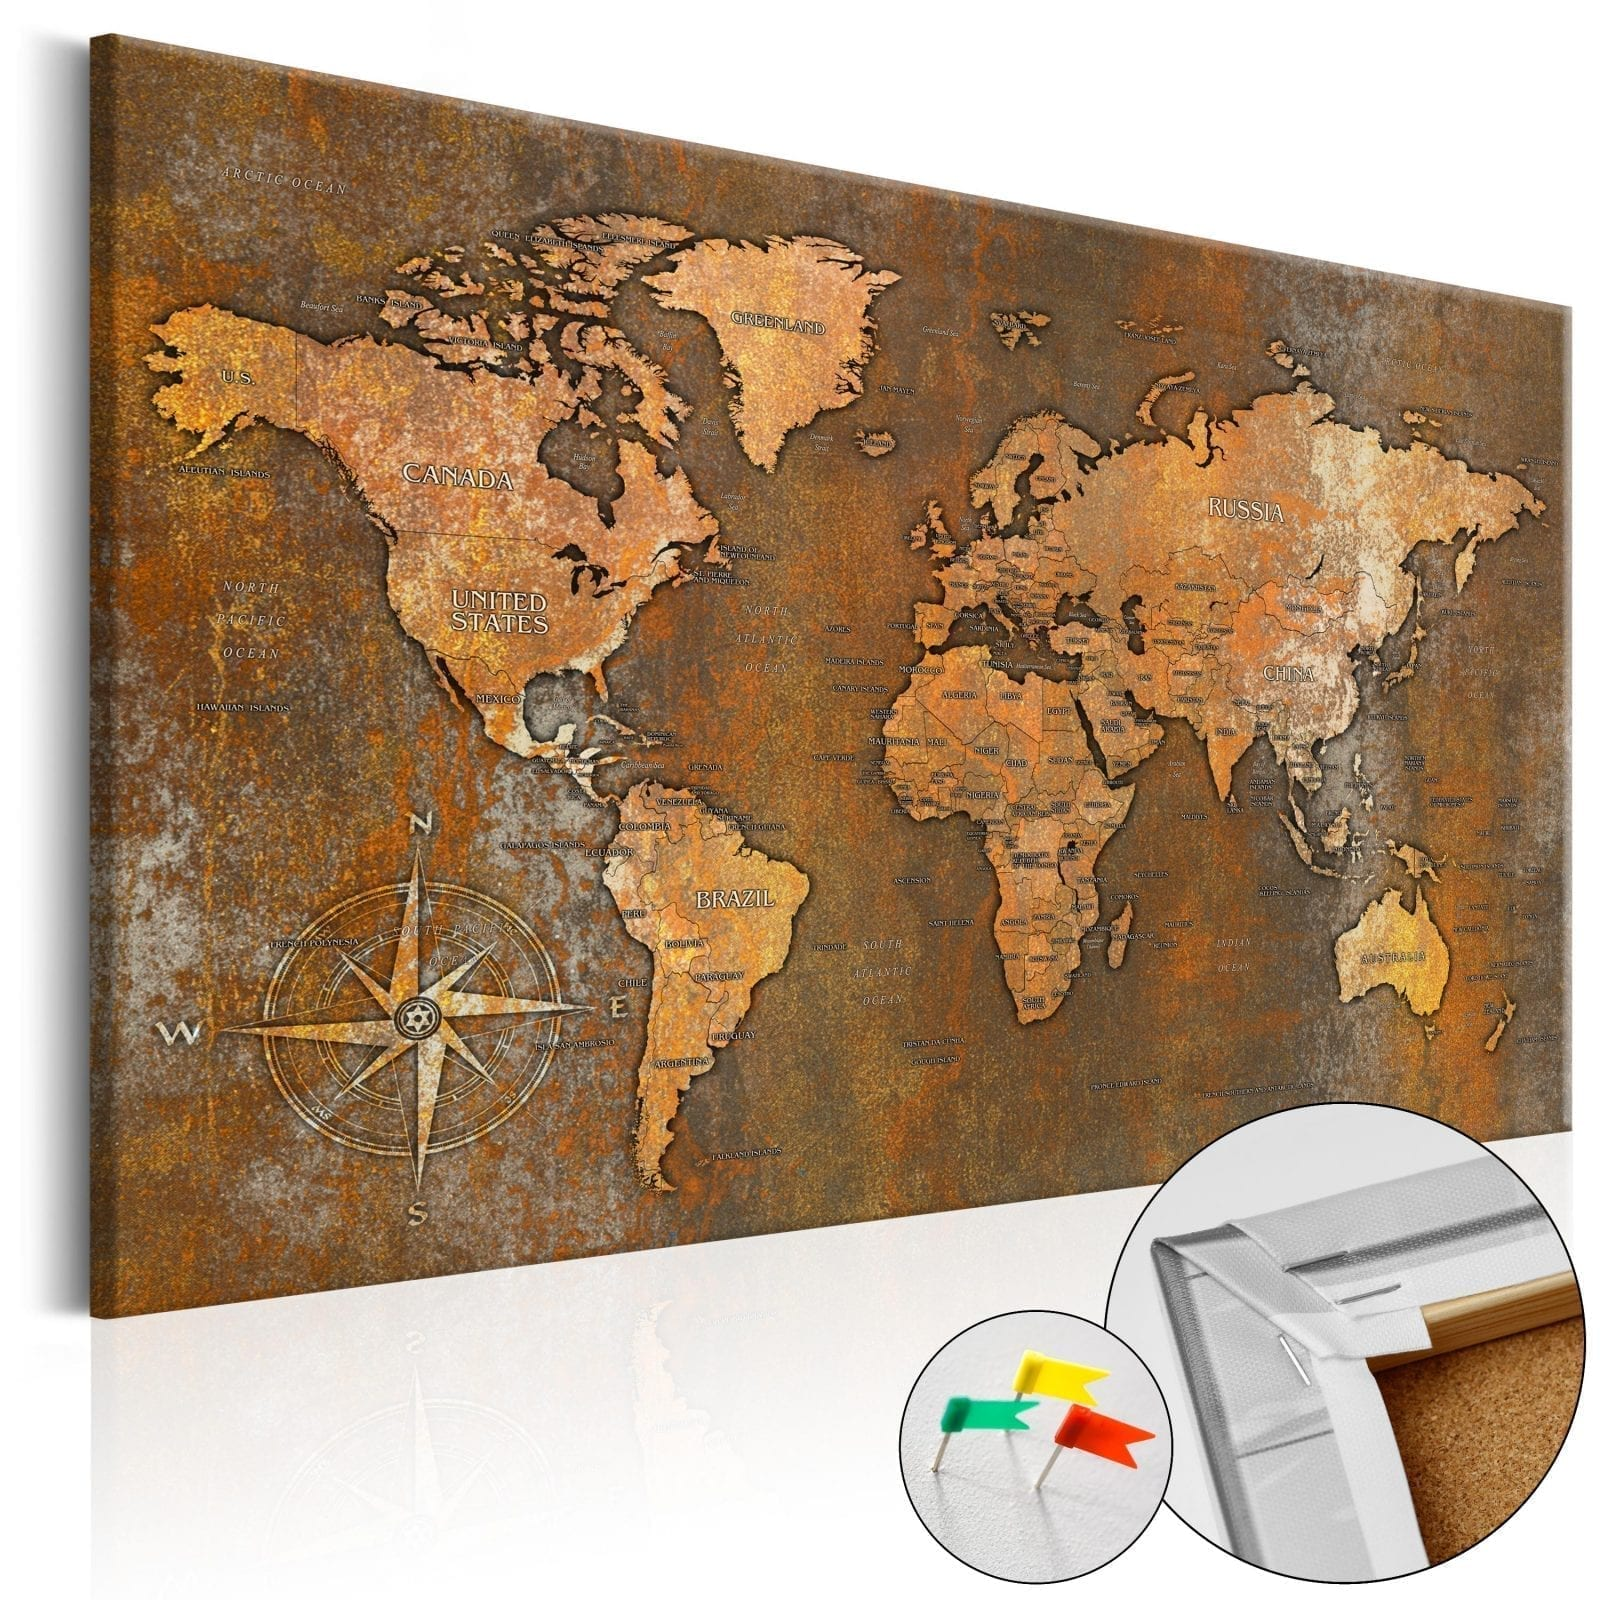 Tablero de corcho - Rusty World 1 | Potspintura.com